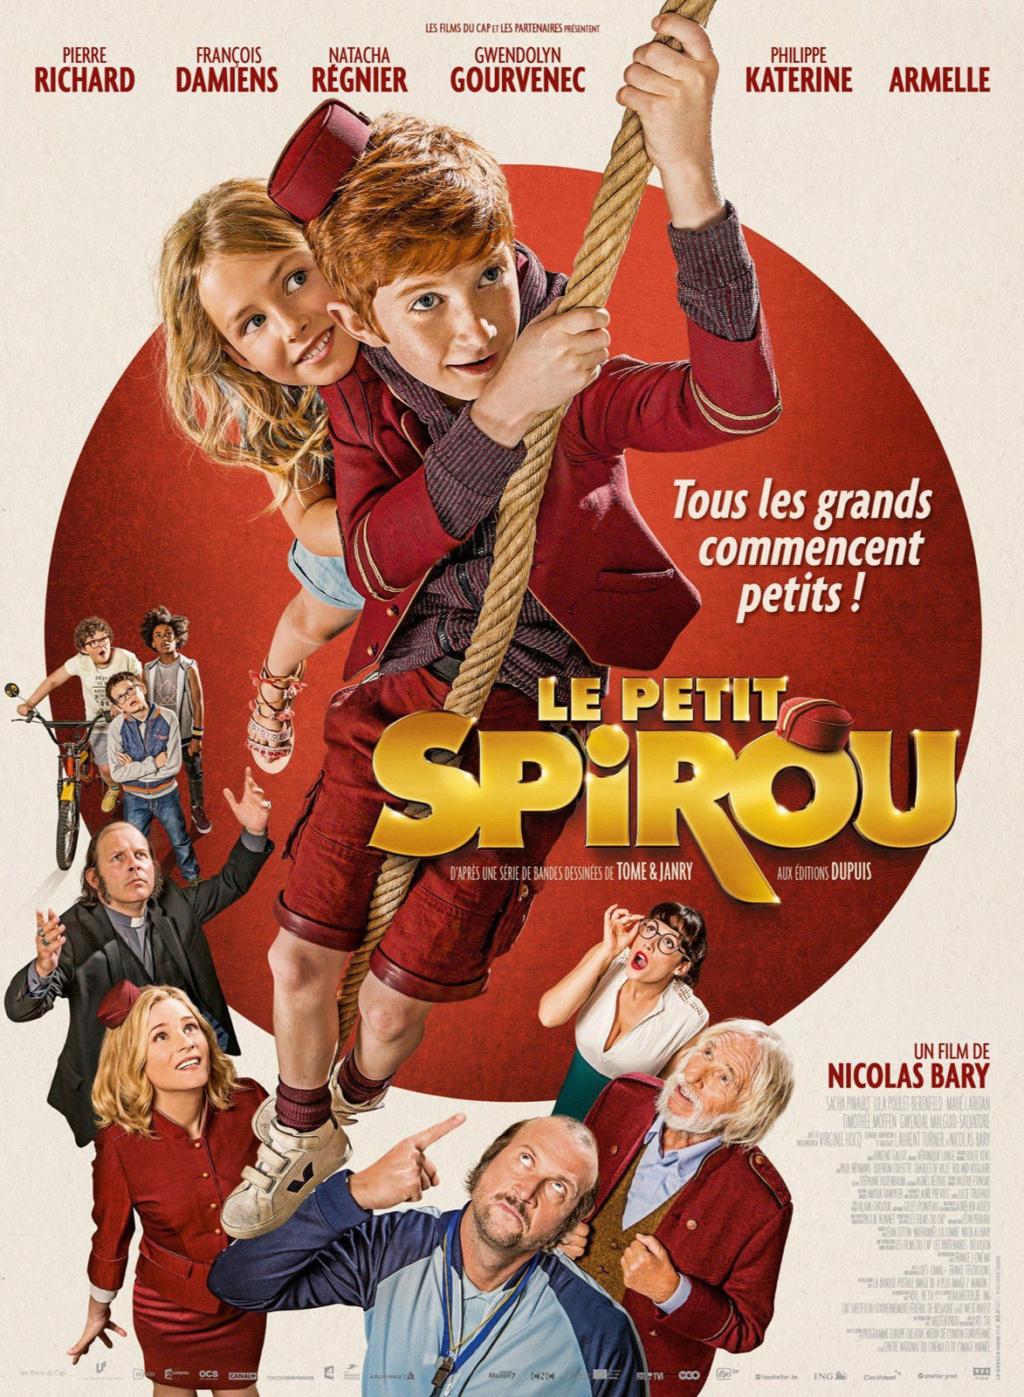 Le Petit Spirou - Nicolas Bary - 2017 R2762710